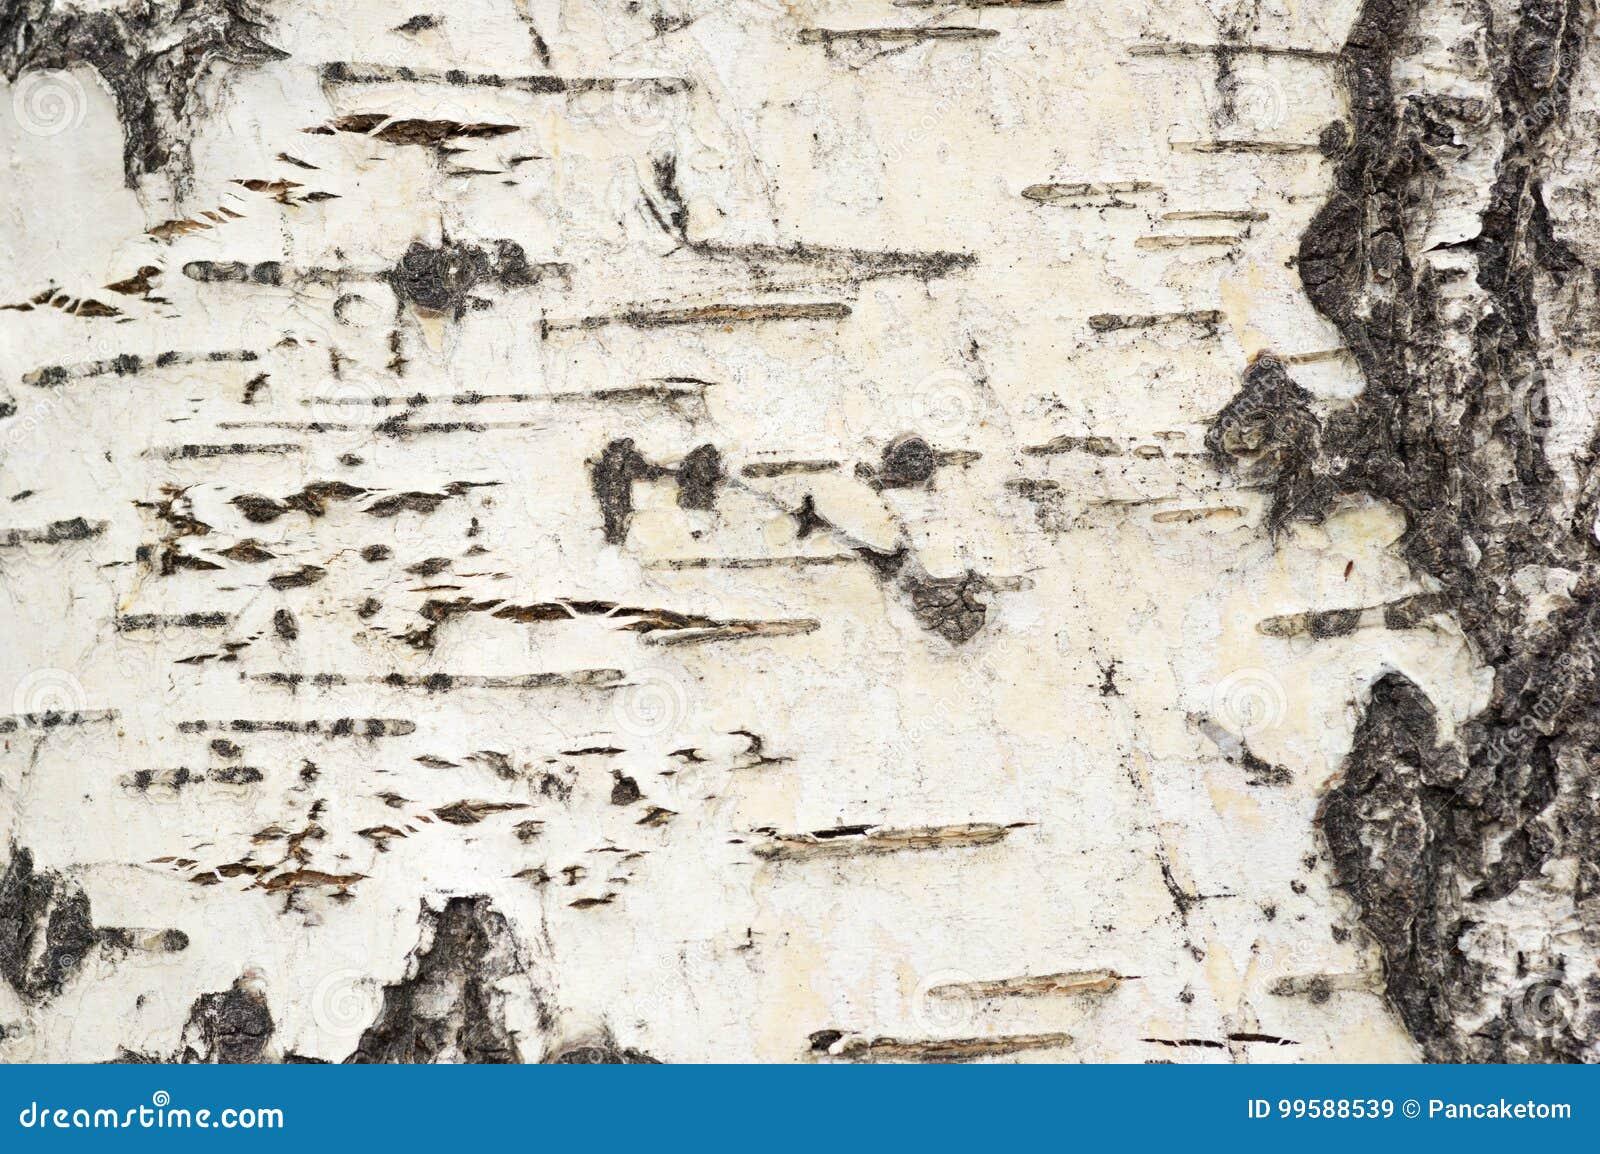 Aspen Bark Background